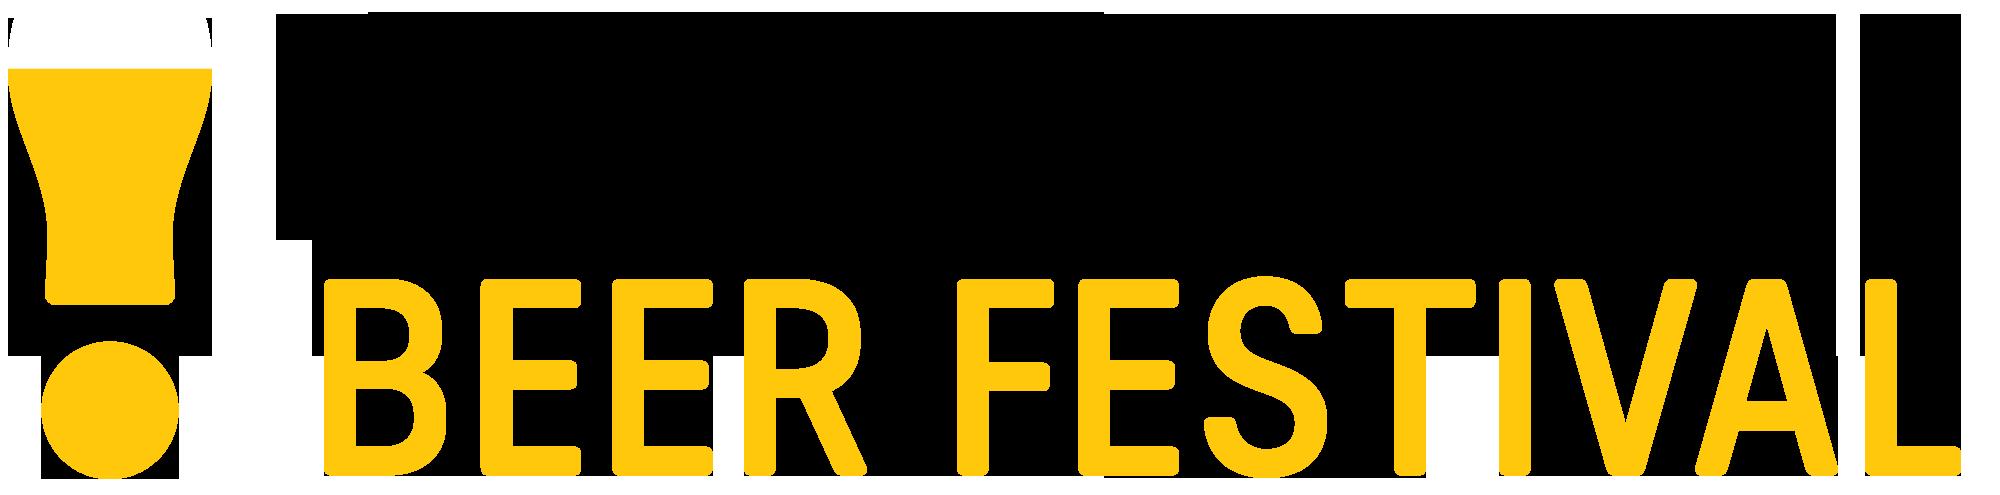 WSBF - logo - 5